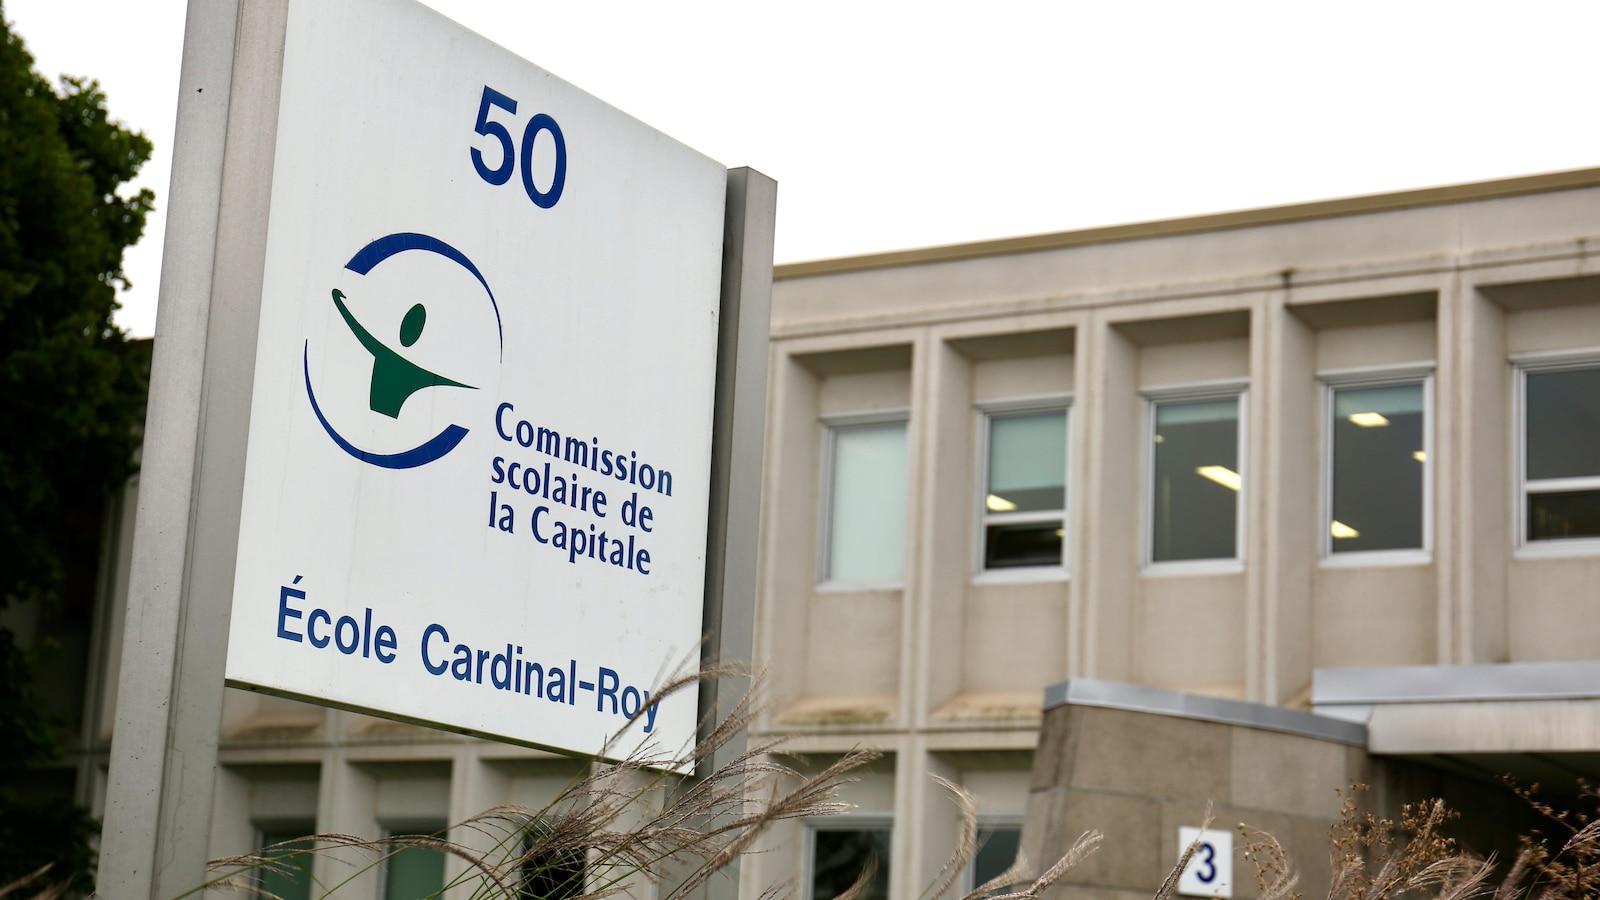 Vue de l'extérieur de l'école secondaire Cardinal-Roy à Québec avec une affiche de la Commission scolaire de la Capitale